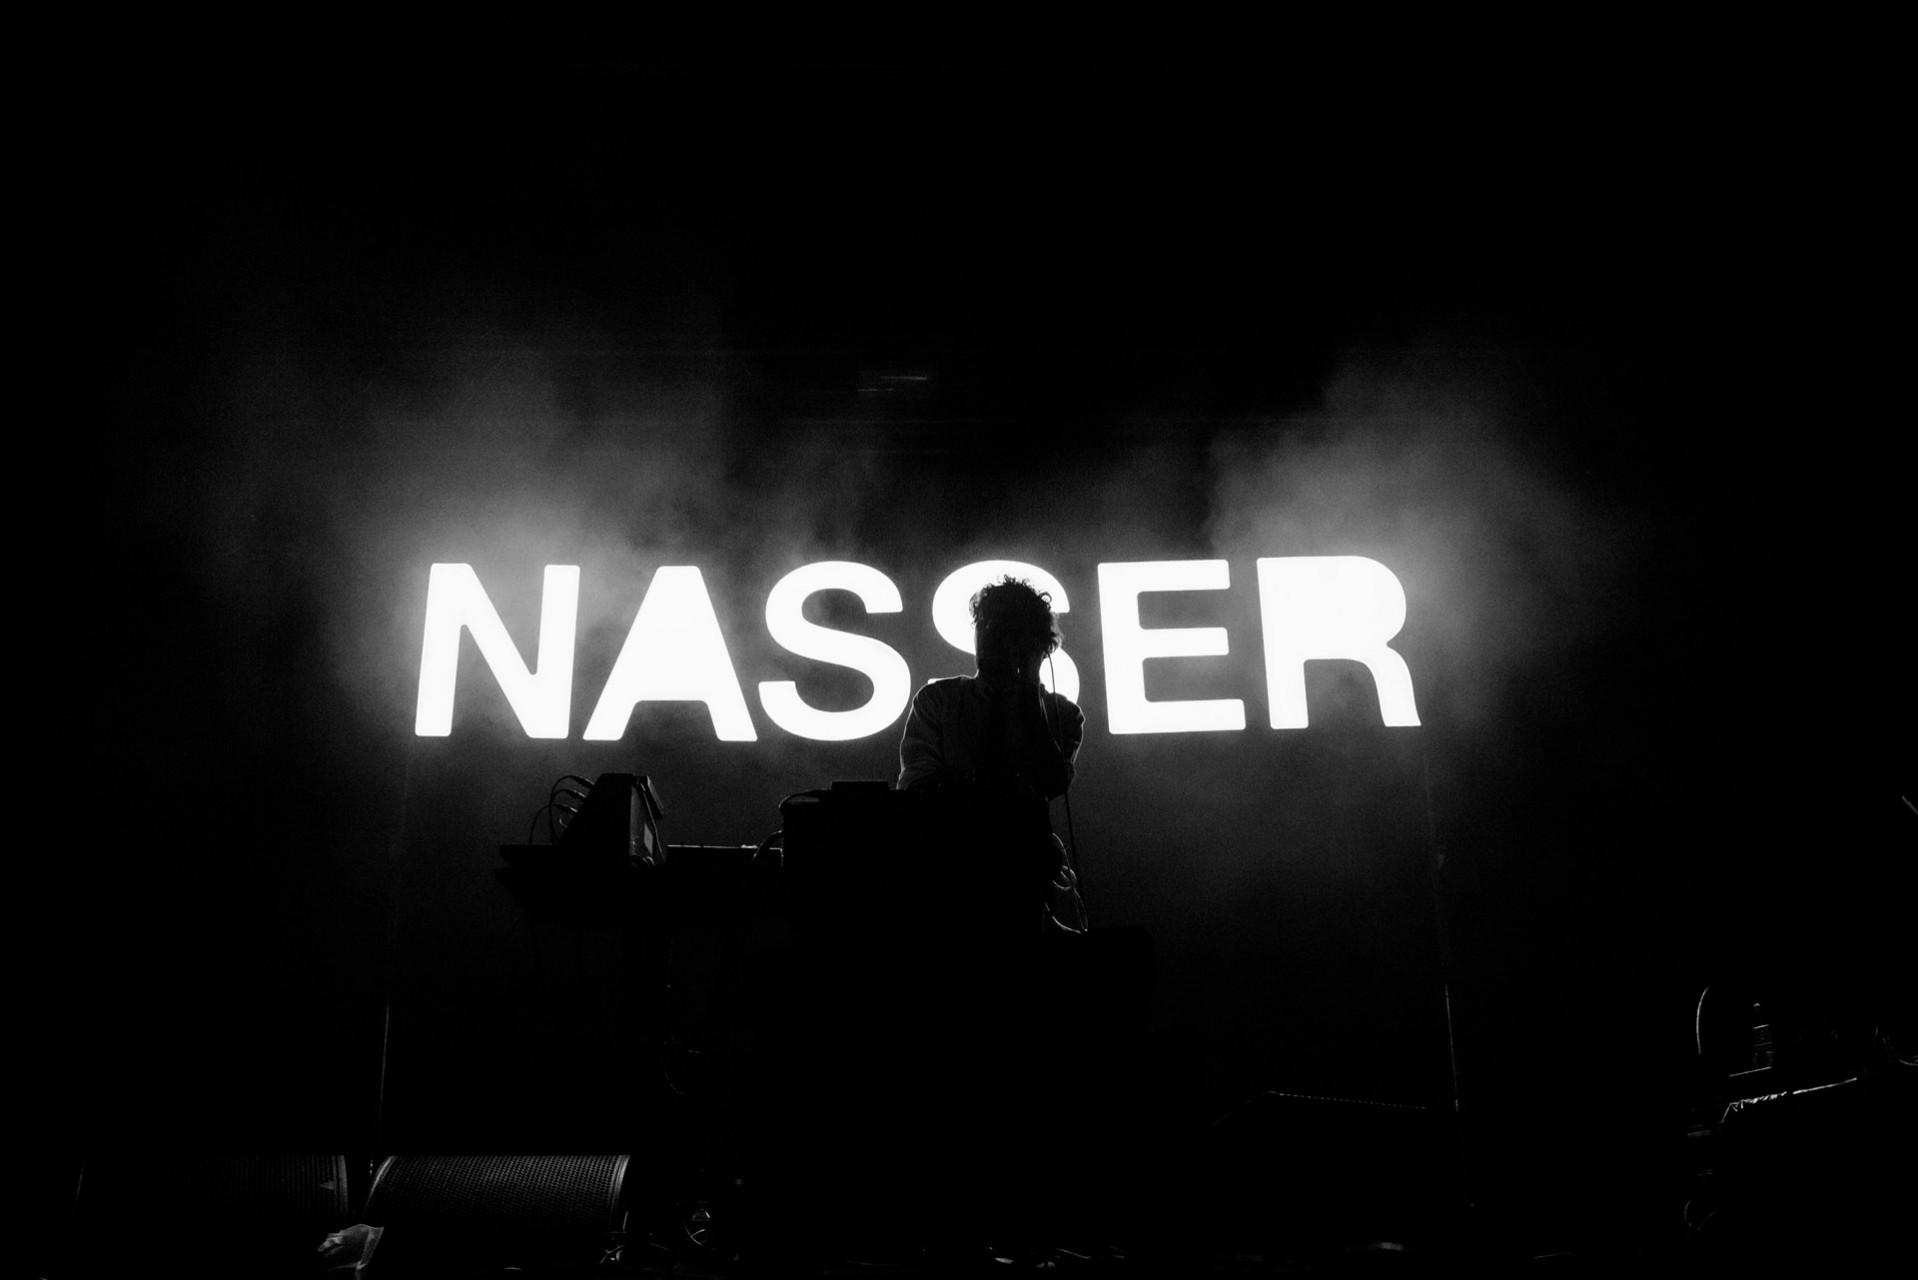 NASSER_03